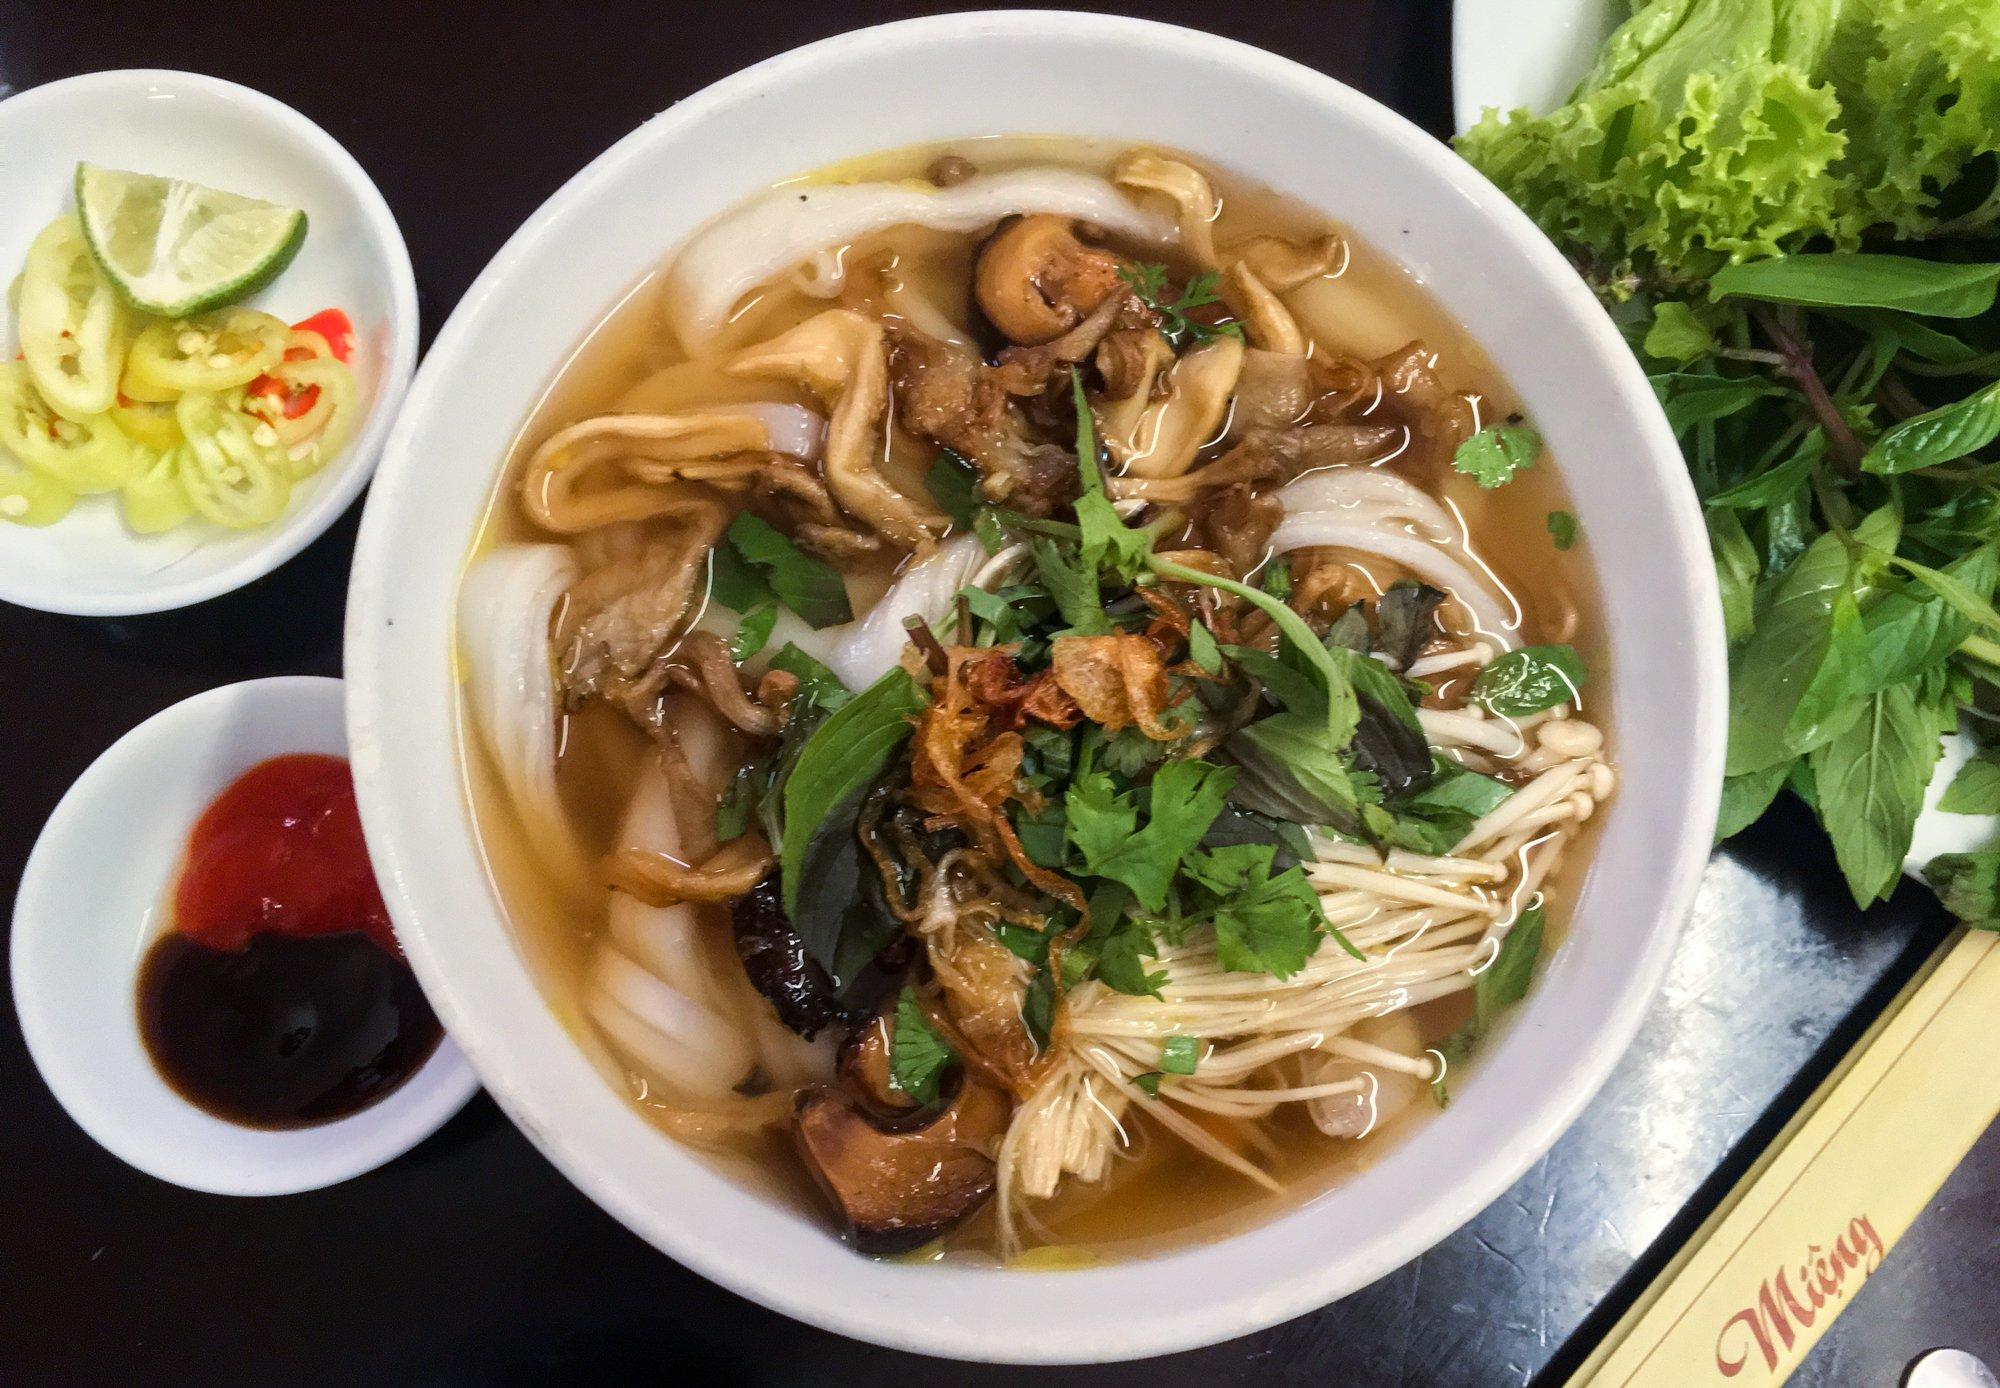 Vegan Mushroom Pho at Hoa Sen in Dalat